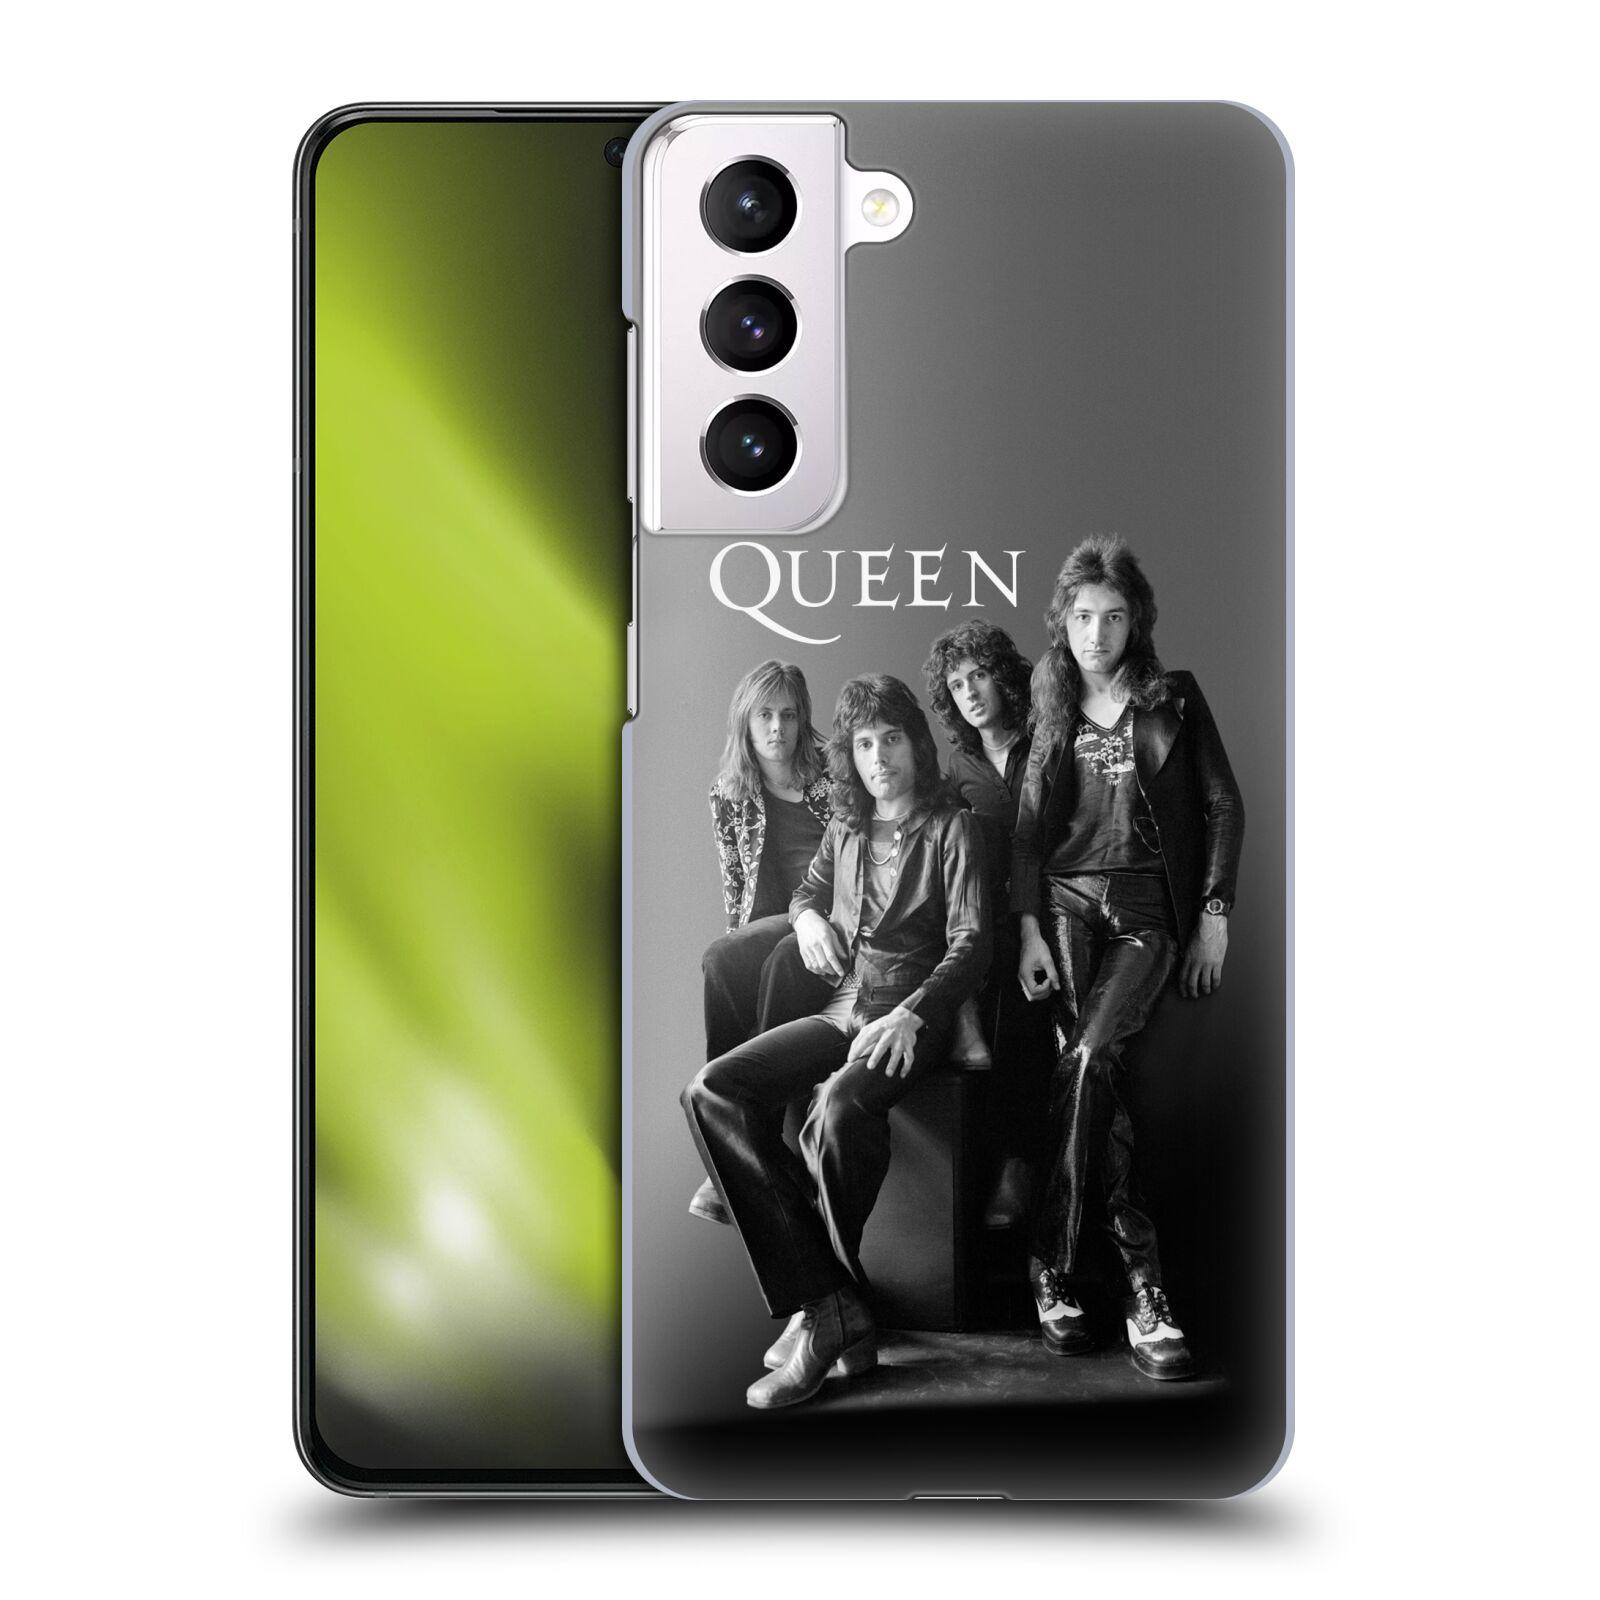 Plastové pouzdro na mobil Samsung Galaxy S21 Plus 5G - Head Case - Queen - Skupina